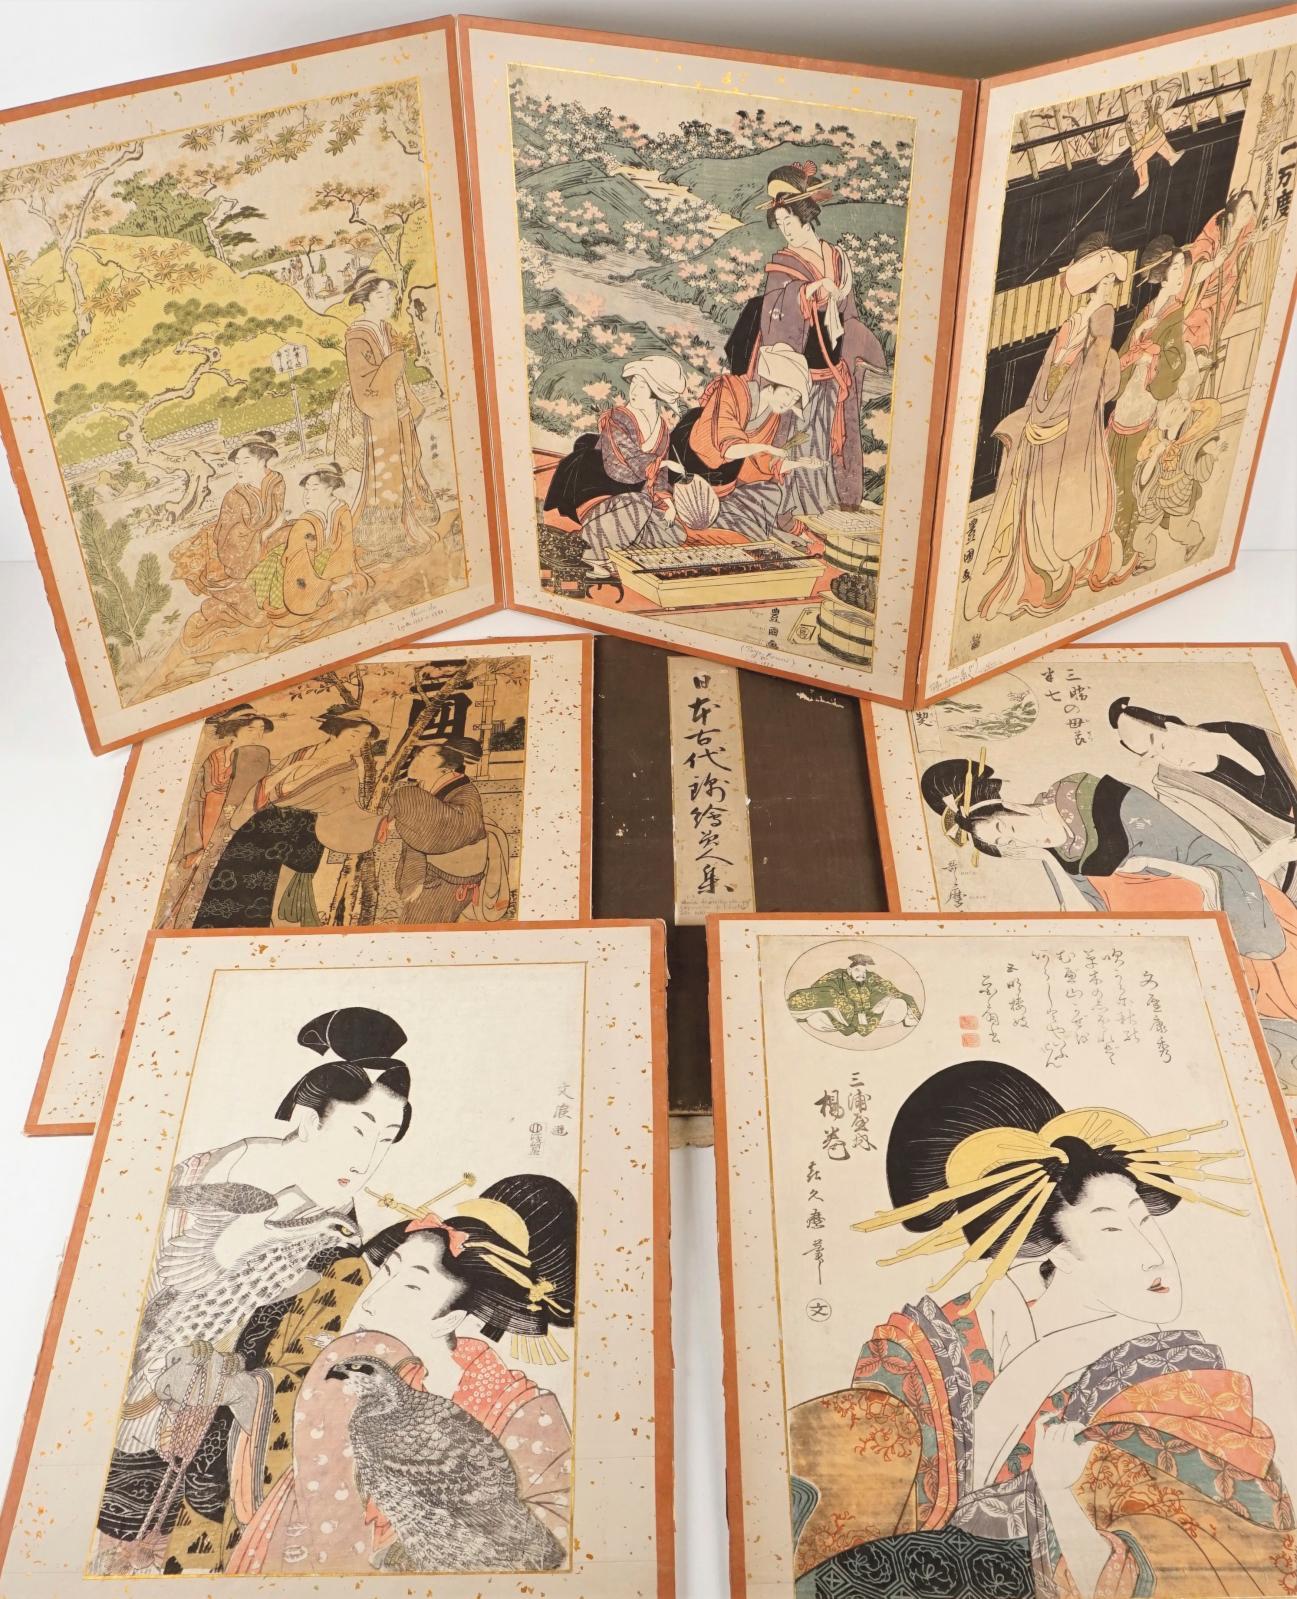 Recueil de dix estampes oban tate-e, intitulé Choix de vieilles estampes japonaises de l'école ite Ukiyo-e, probablement époque Meiji. Adj